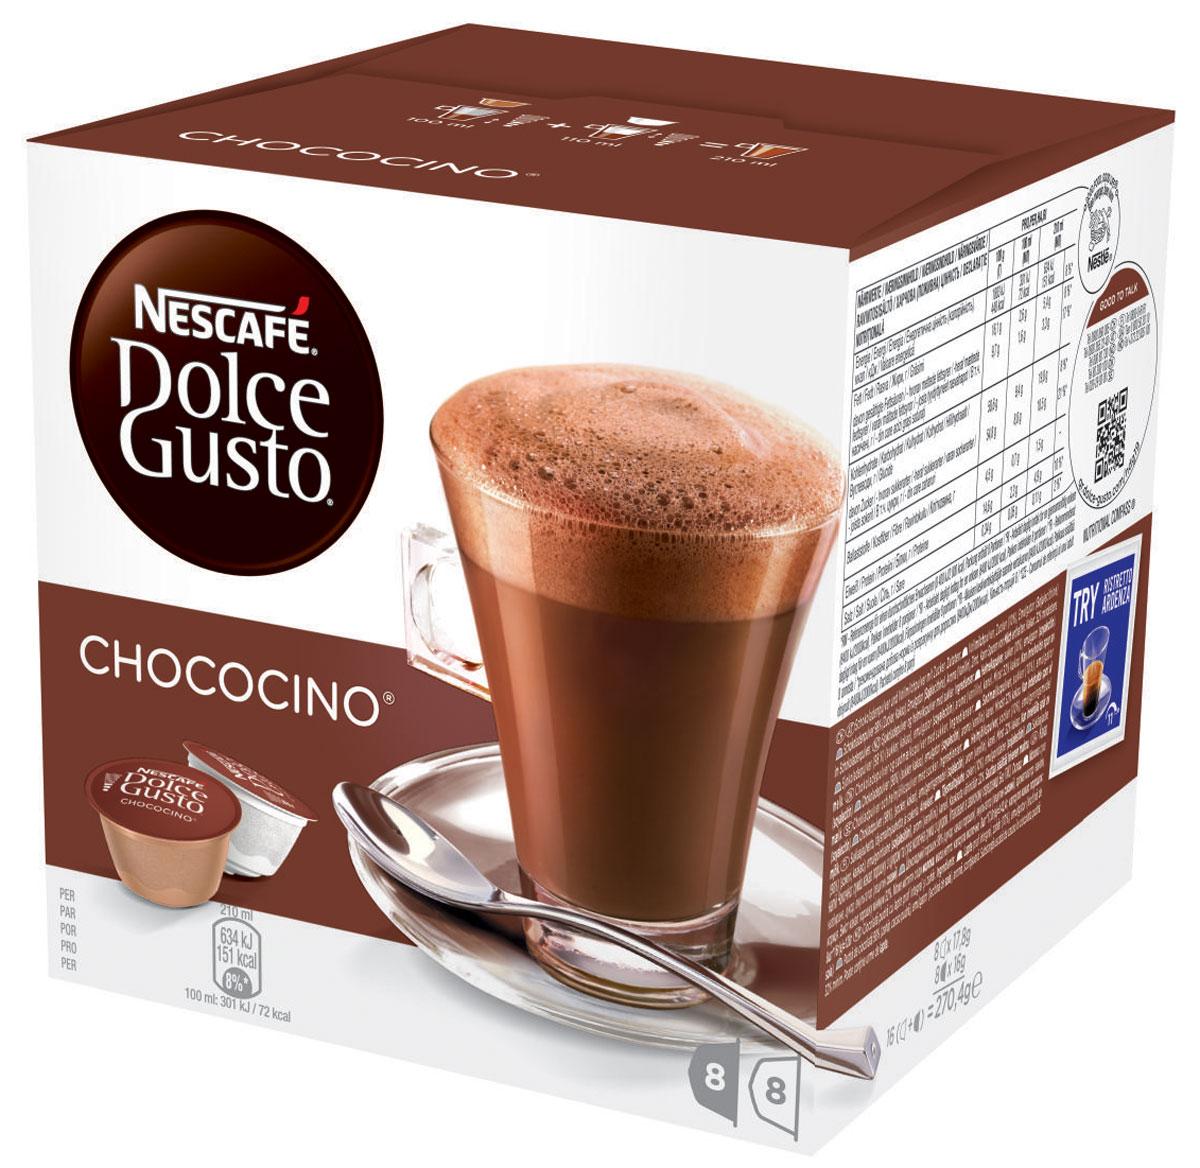 Nescafe Dolce Gusto Chococino горячий шоколад в капсулах, 16 шт0120710Вкус Nescafe Dolce Gusto Chococino так же хорош, как и его название. Приятный для глаза и еще более приятный на вкус – баланс какао и воздушной молочной пенки создает самое настоящее волшебство. Это сочетание переносит вас на удивительный уровень сладости: нет необходимости добавлять что-то еще в этот роскошное успокаивающее лакомство. Наслаждайтесь чокочино холодным утром, морозными днями или в любое другое время, когда вам хочется сменить свой обычный горячий напиток. Его шоколадный запах почти столь же непреодолим, сколь и деликатен. Он произведет впечатление на любого вашего гостя.В состав входят:8молочных капсул: молоко сухое цельное, сахар (10%), эмульгатор (соевый лецитин).Изготовлено с использованием сухого молока.В сухой молочной смеси: массовая доля молочного жира 22,5 %, сахароза 10 г в 100 г.)8 какао капсул: cахар, какао-порошок, эмульгатор (соевый лецитин), ароматизатор (ванилин), корица.Какао не менее 32%. Продукт может содержать незначительное количество молока.